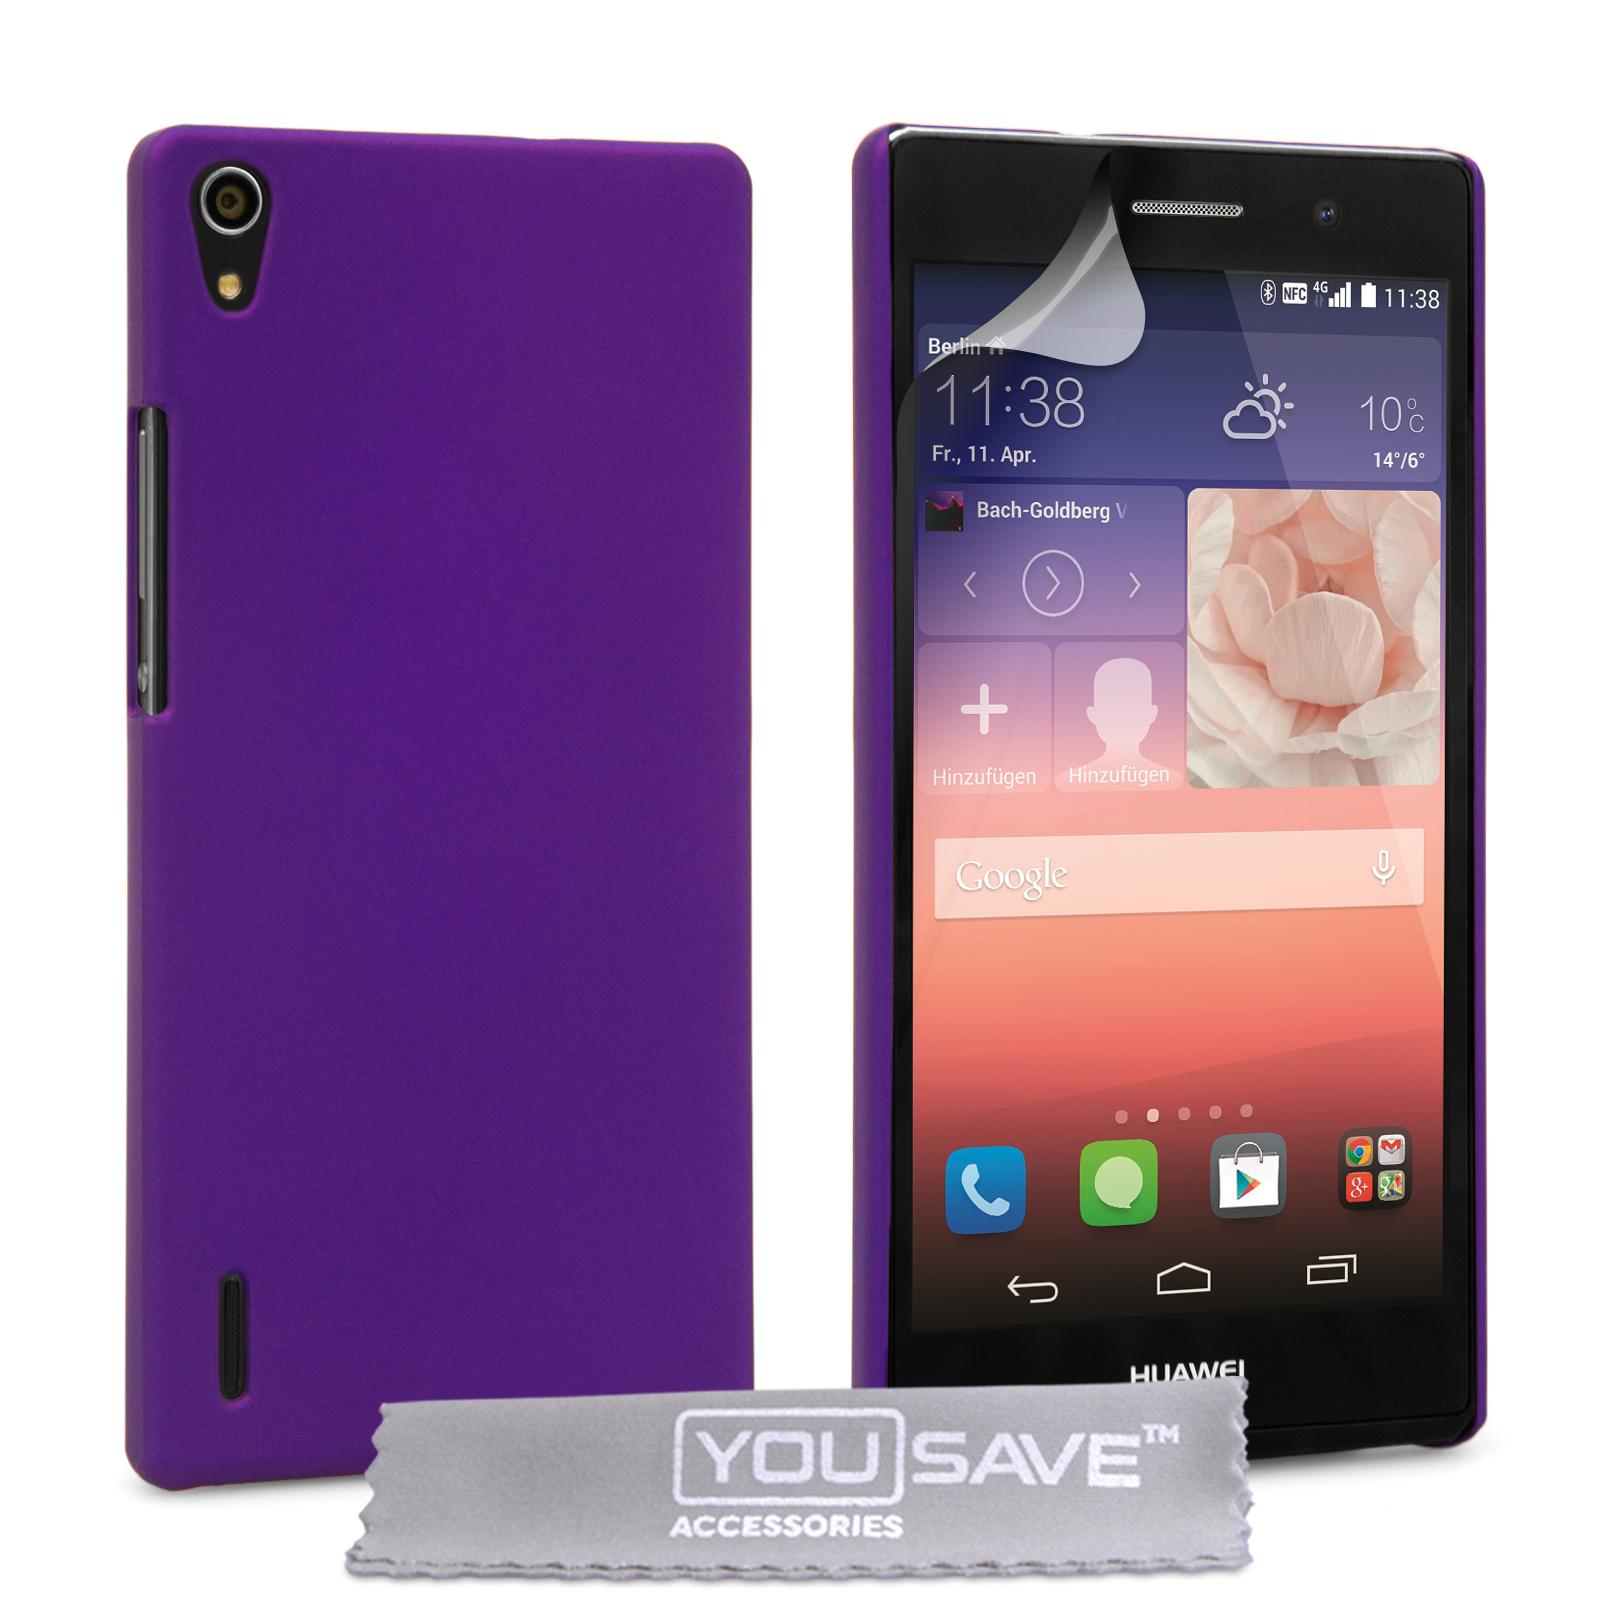 Θήκη Huawei Ascend P7 by YouSave (Z860)